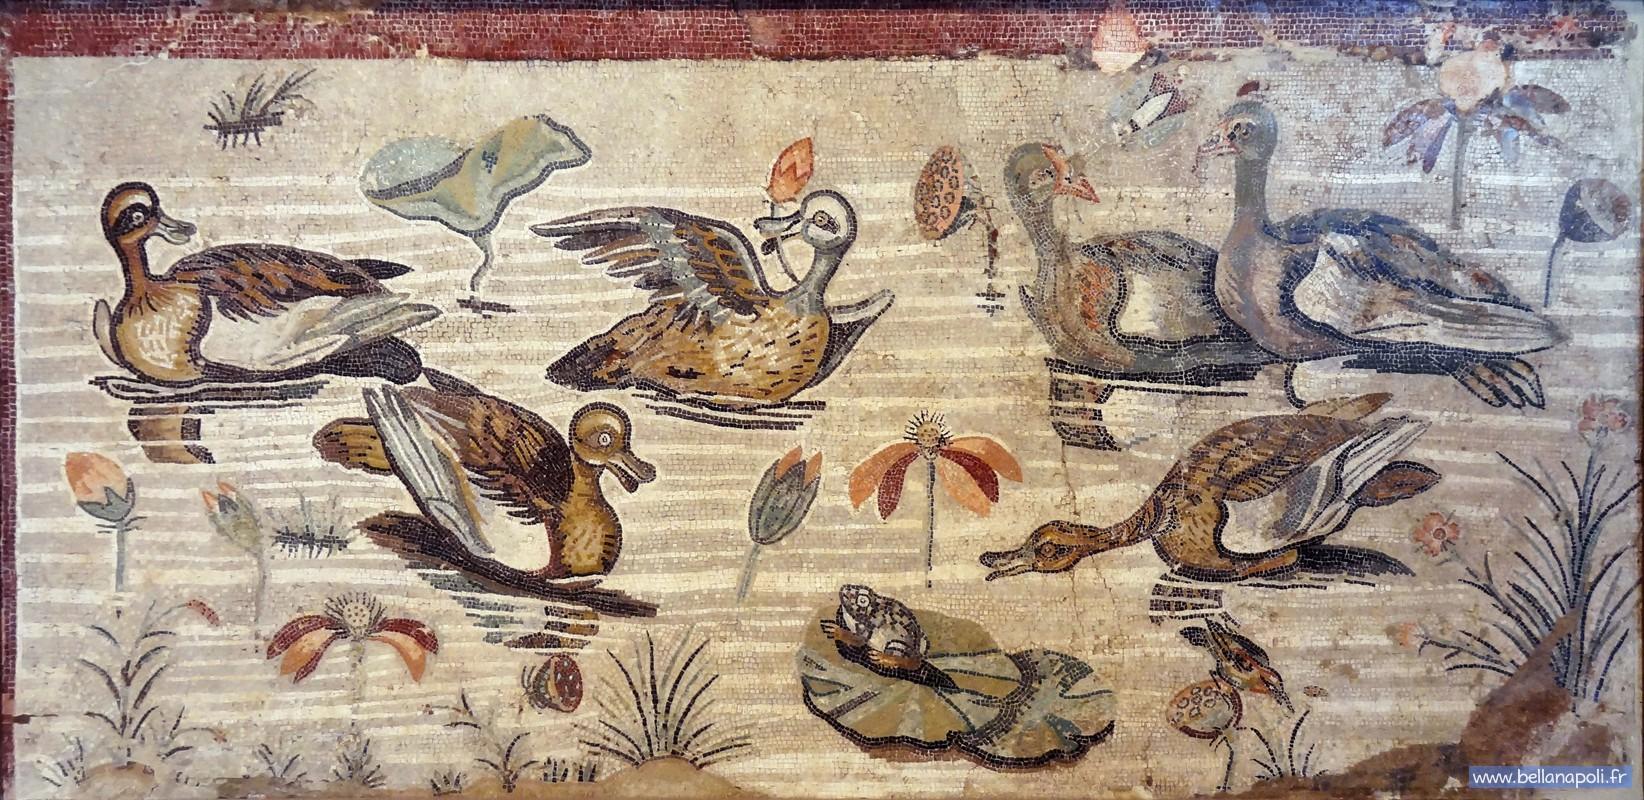 La mosa que romaine bella napoli d couverte de naples for Comment coller de la mosaique